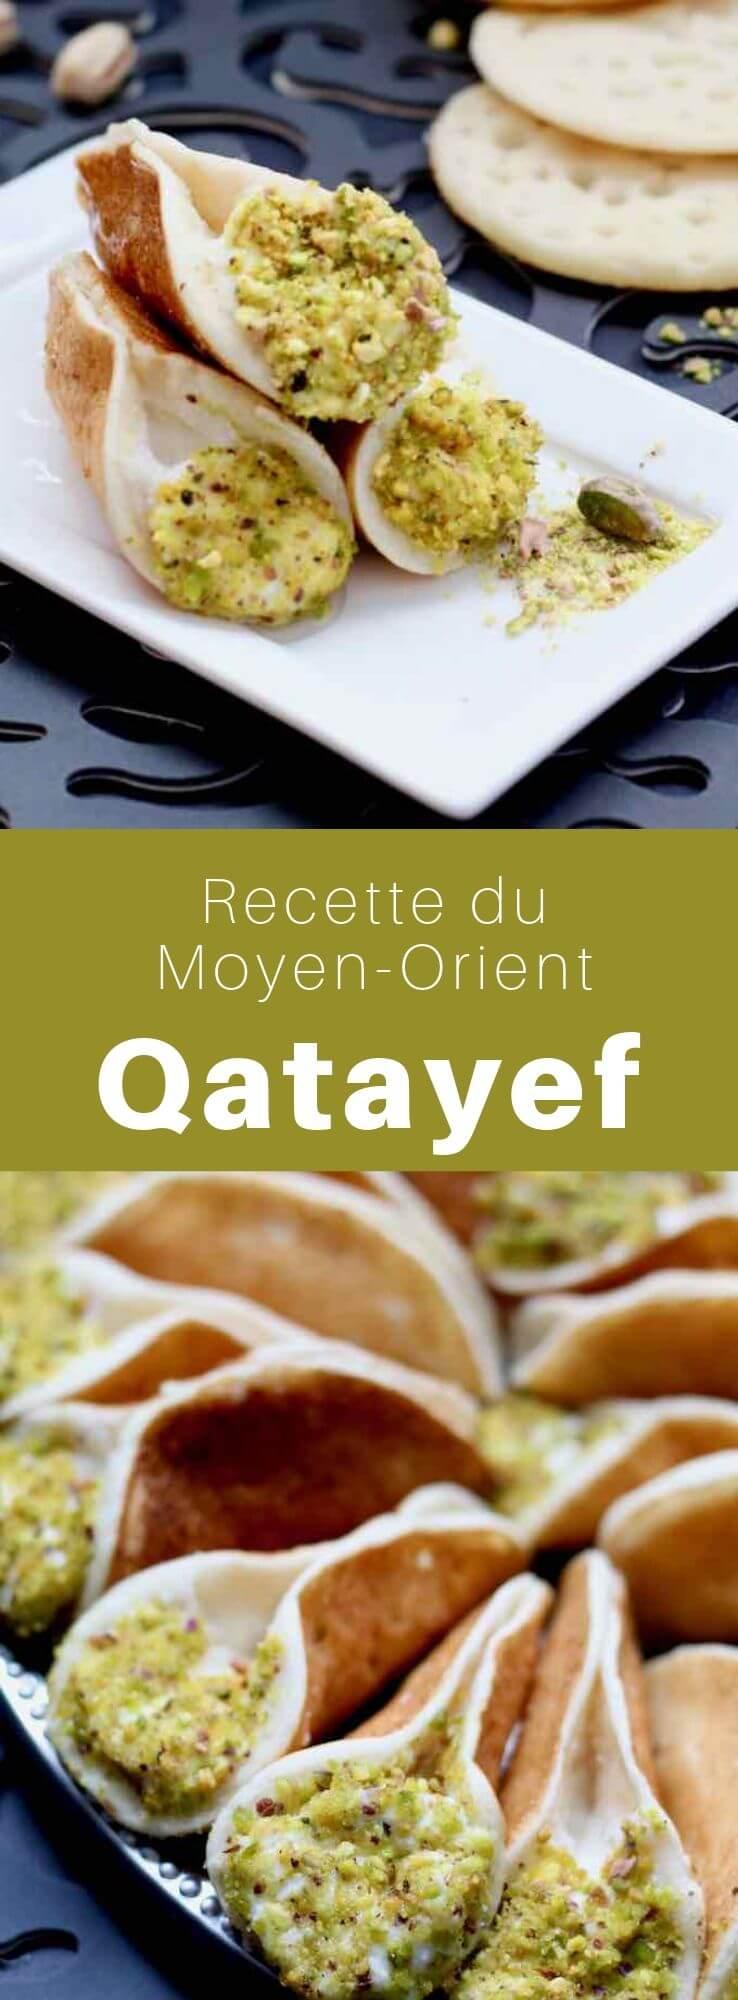 Le katayef ou qatayef est un dessert à base de crêpes farcies de crème nappée de pistaches, caractéristique du mois de ramadan dans les pays arabes du Moyen-Orient. #CuisineSyrienne #RecetteSyrienne #Syrie #CuisineMoyenOrientale #MoyenOrient #CuisineArabe #RecetteArabe #CuisineDuMonde #196flavors